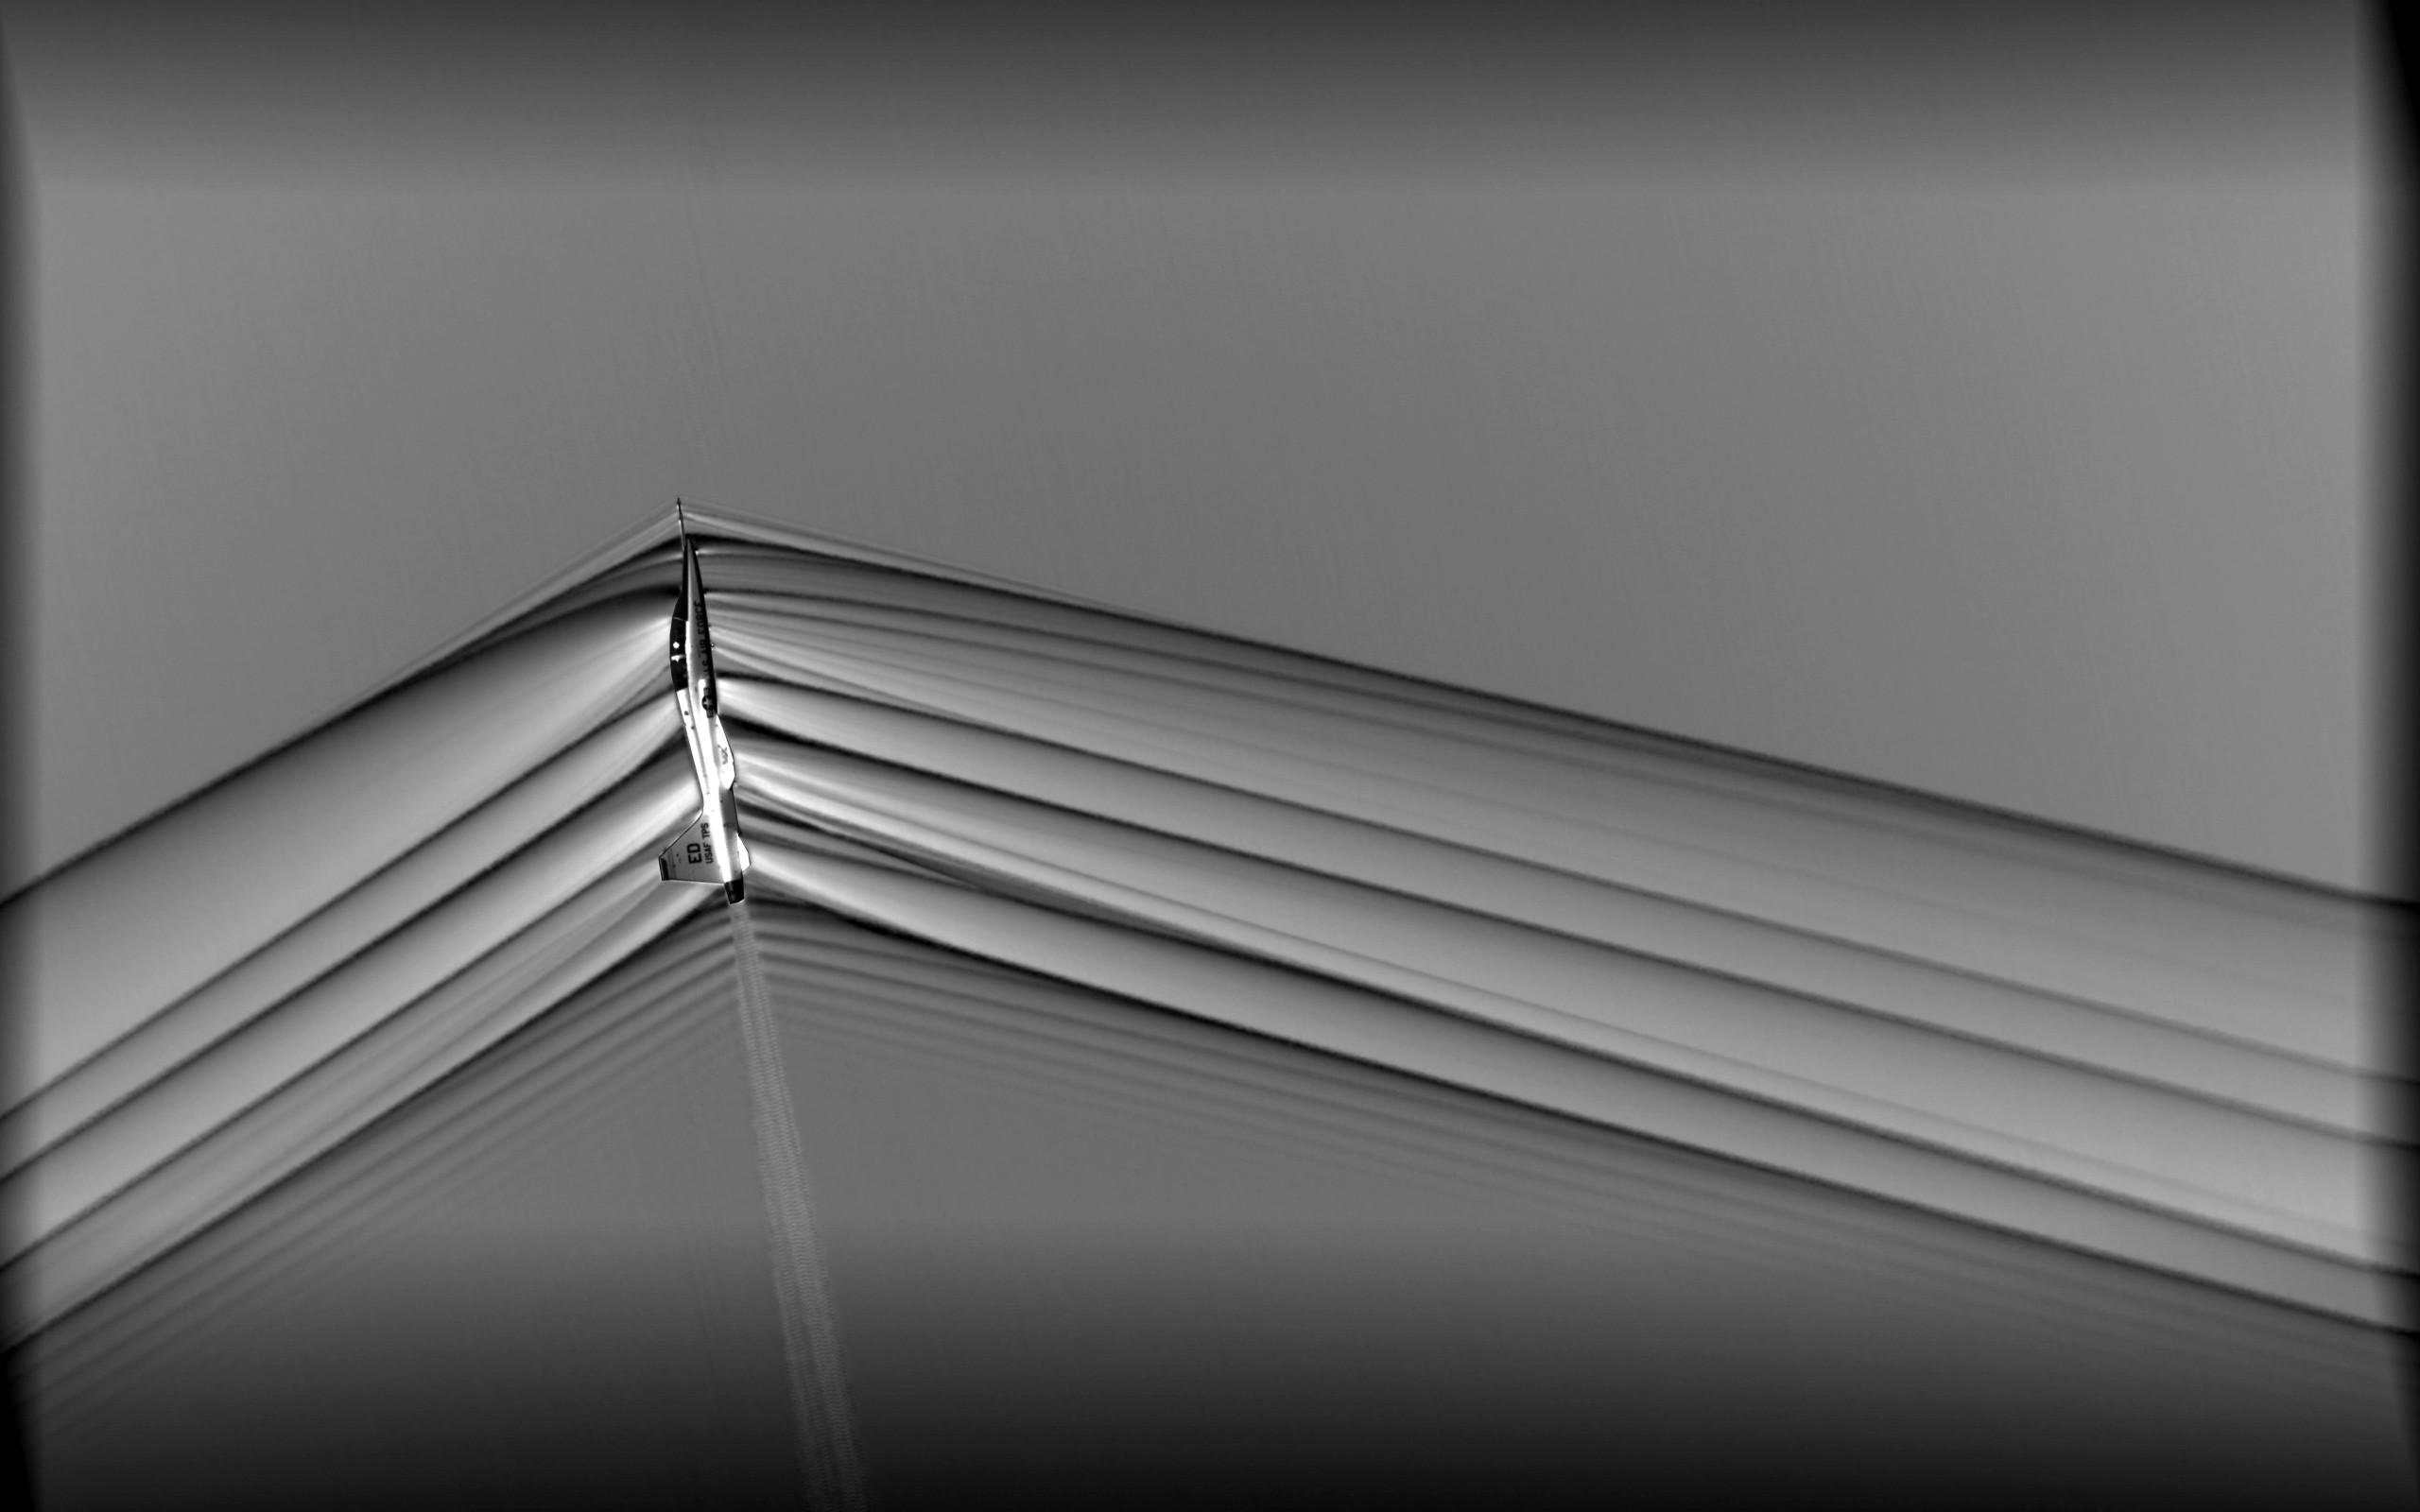 Quando as aeronaves são mais rápidas que a velocidade do som, as ondas de choque se distanciam  (Foto: NASA)